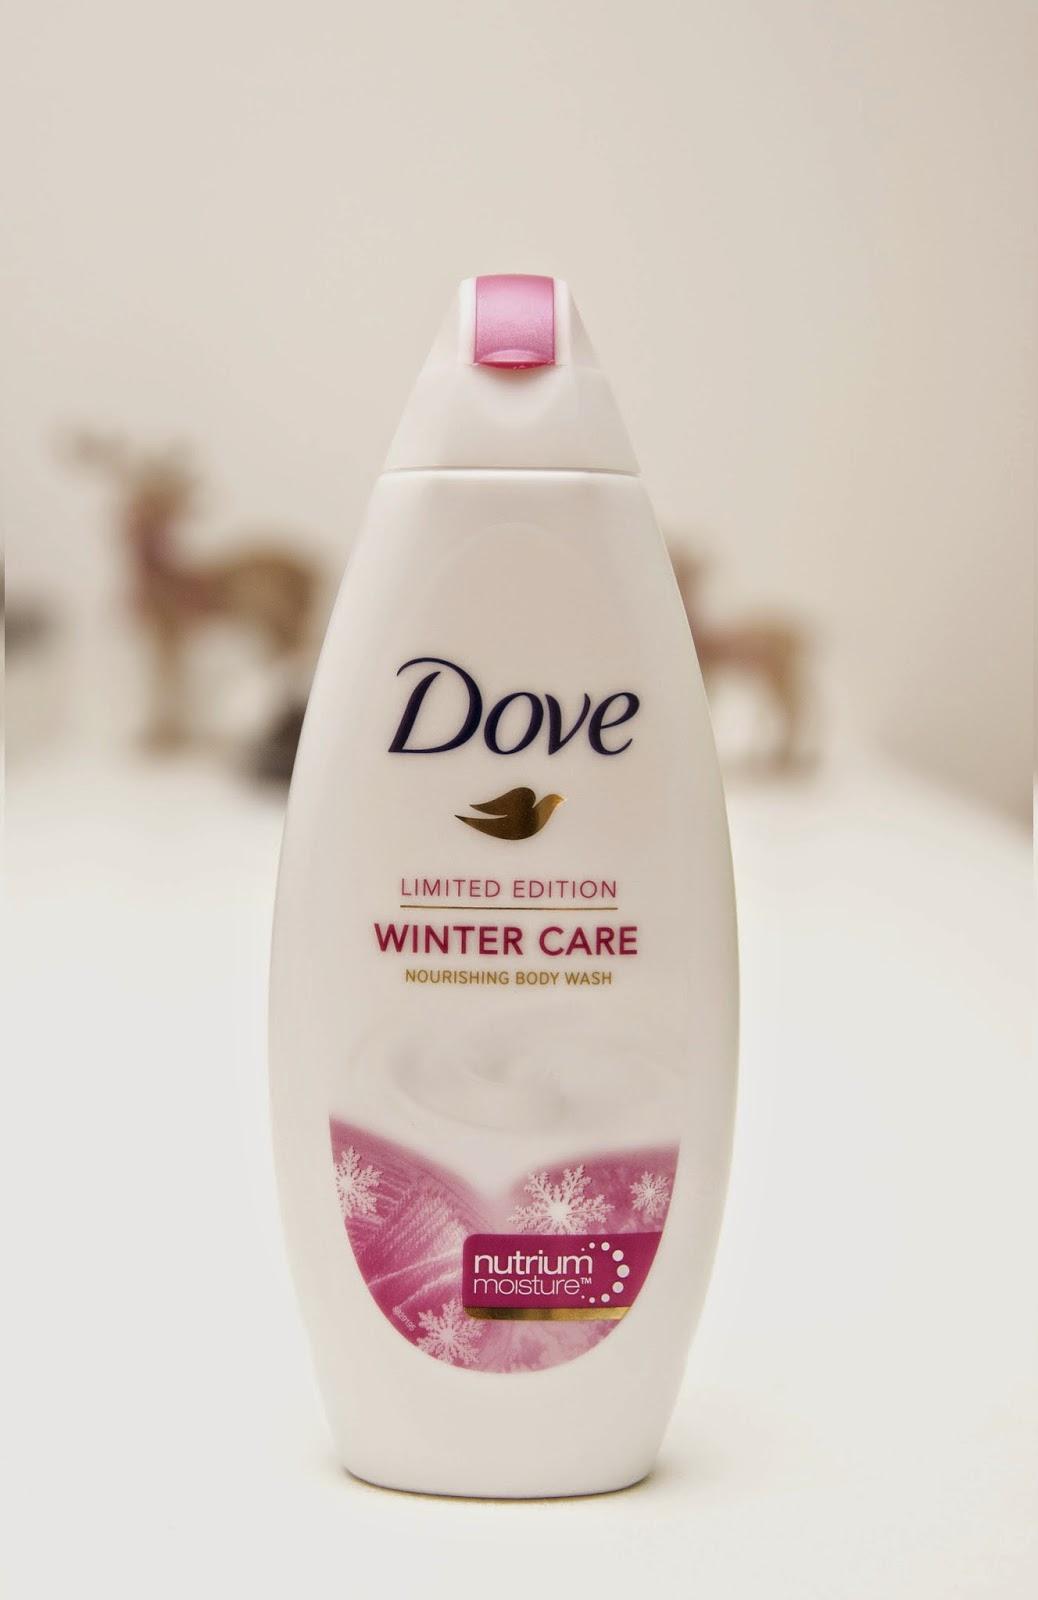 dove zimní limitovaná edice, krém na ruce, sprchový gel, tělové mléko, winter care dove, deep care